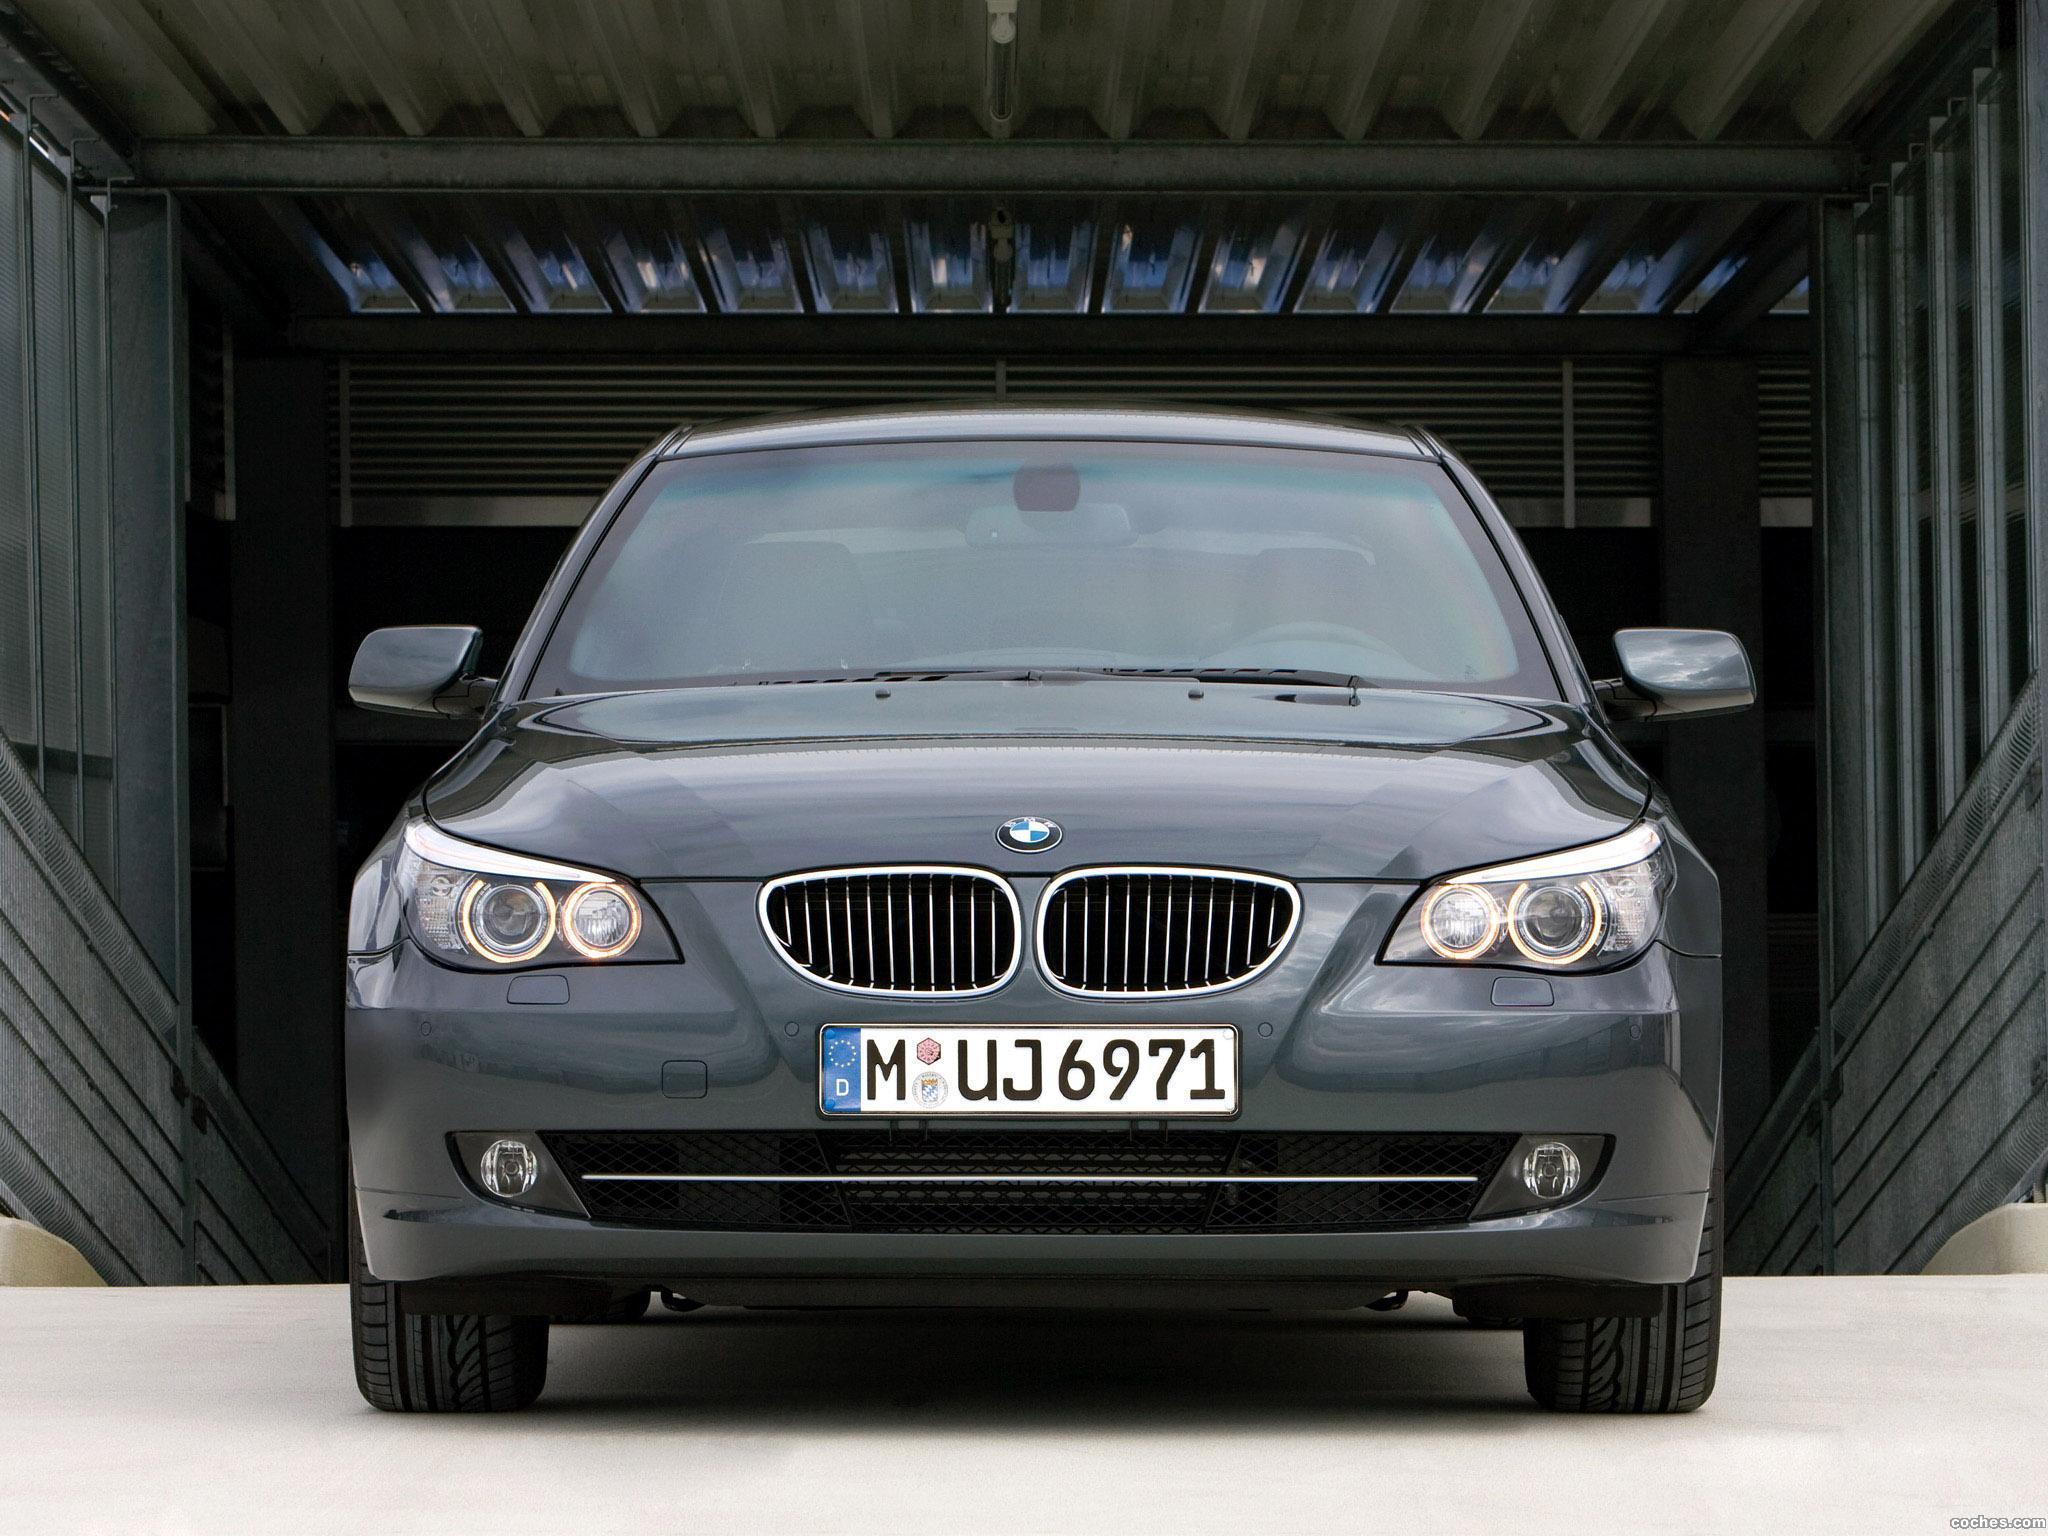 Комплектуются ли фары BMW 5 E60 омывателями